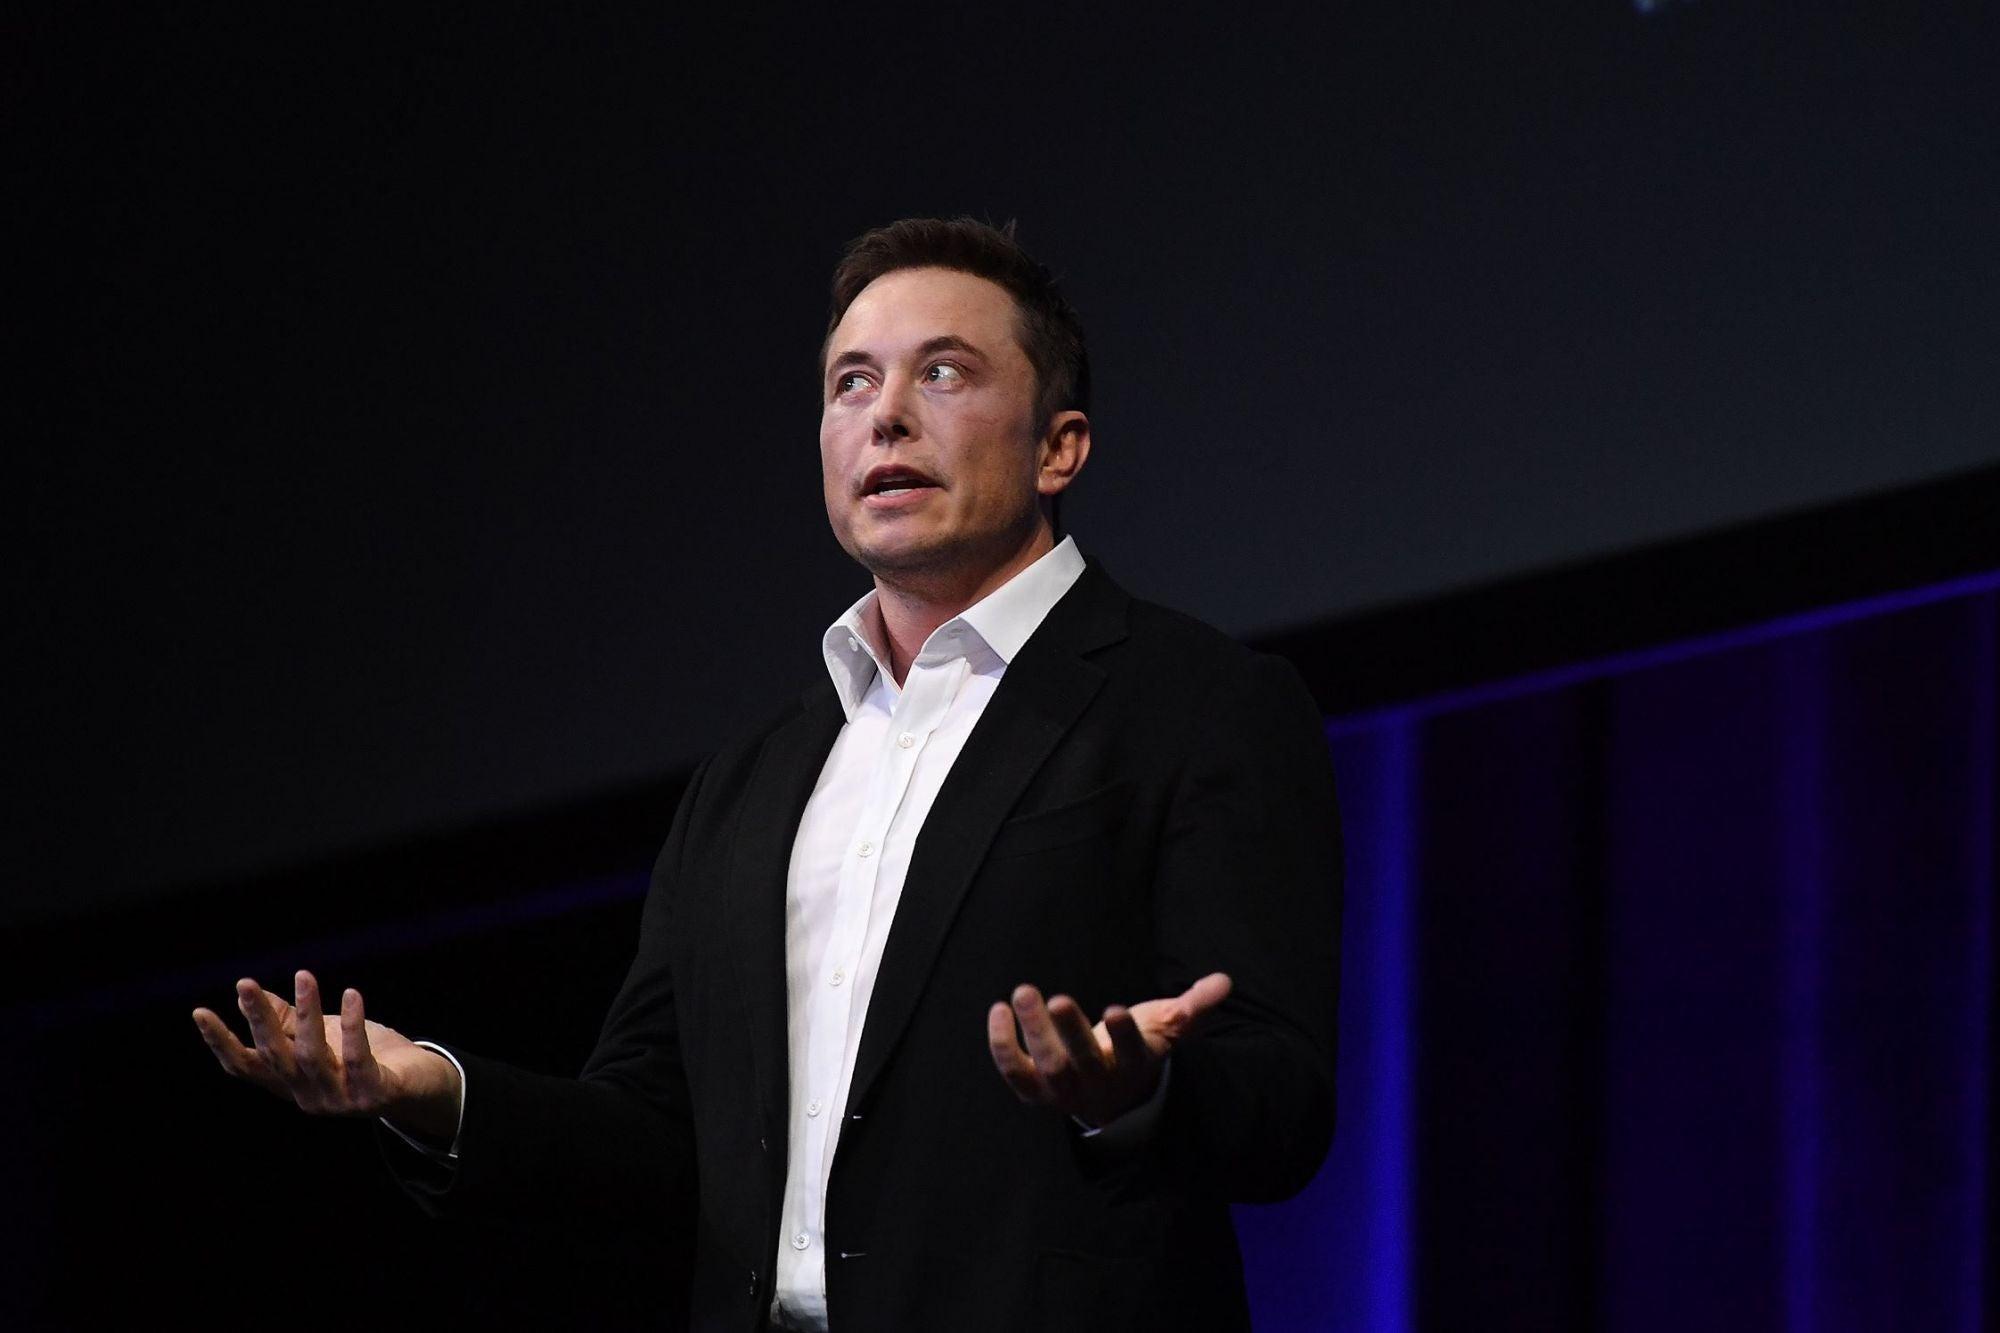 How to Avoid Horrific Musk-Like Employee Reviews